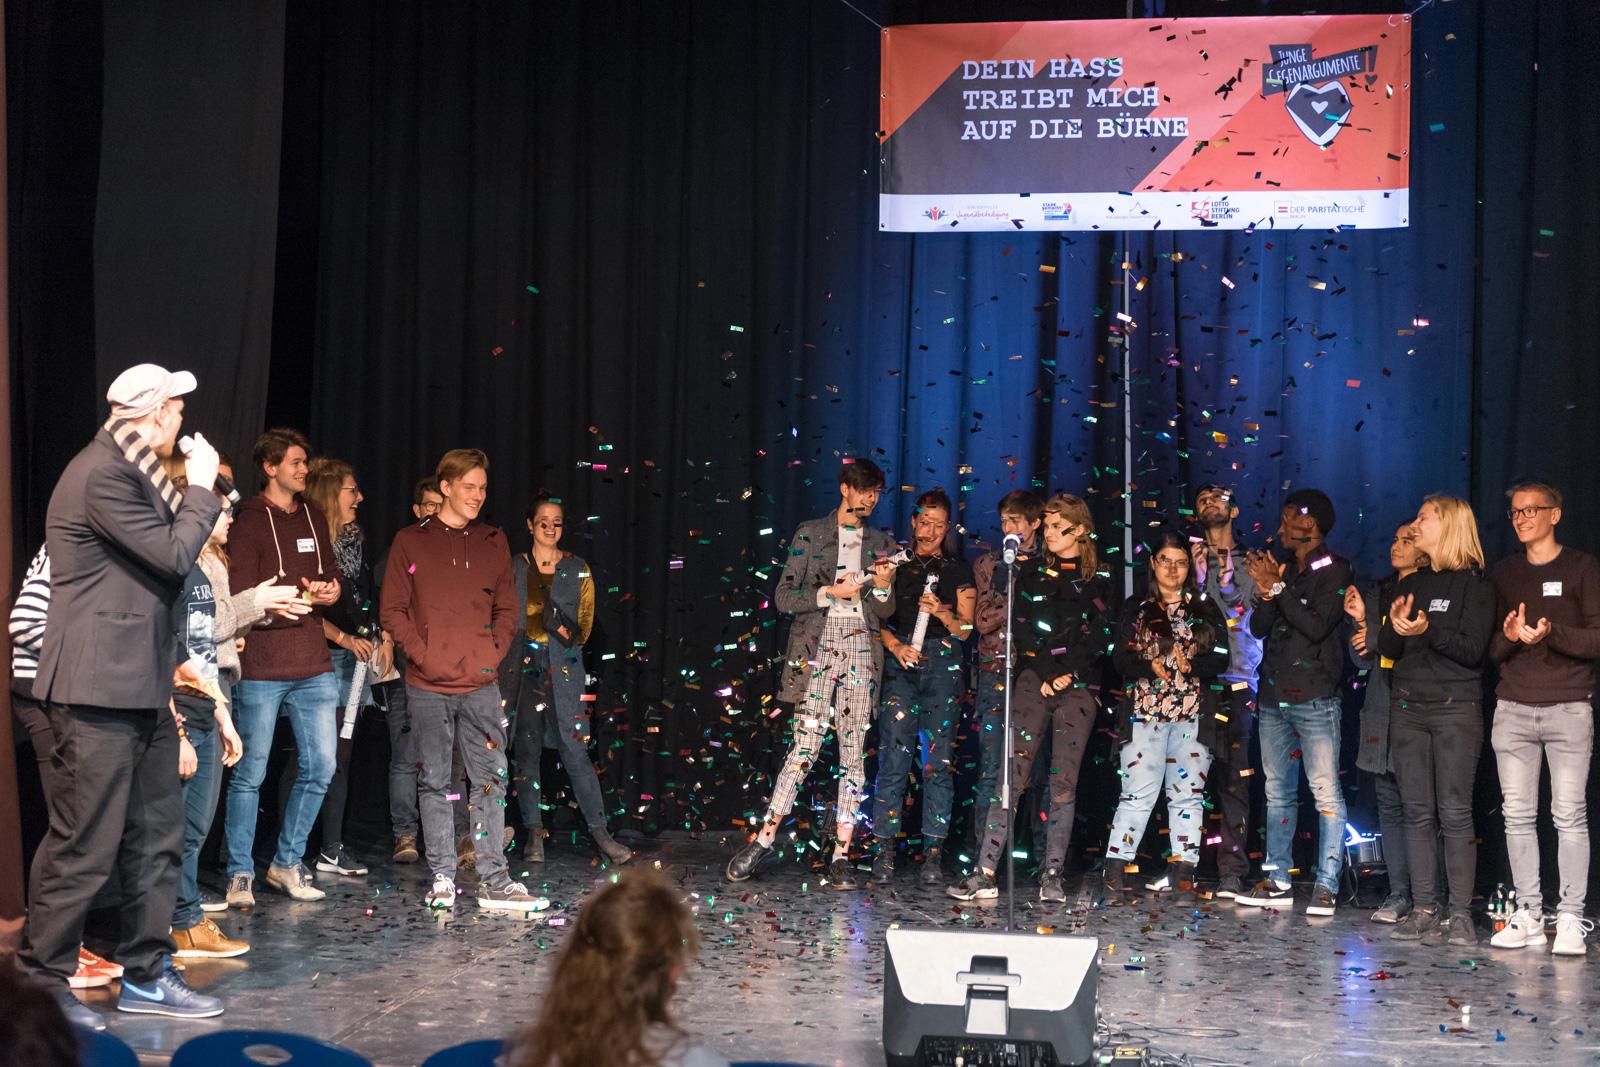 """Eine Gruppe junger Menschen steht auf einer Bühne. Sie klatschen und lachen. Es regnet Konfetti. Links steht ein Mann und spricht in ein Mikrophon. Im Hintergrund hängt ein Plakat auf dem steht: """"Dein Hass treibt mich auf die Bühne""""."""